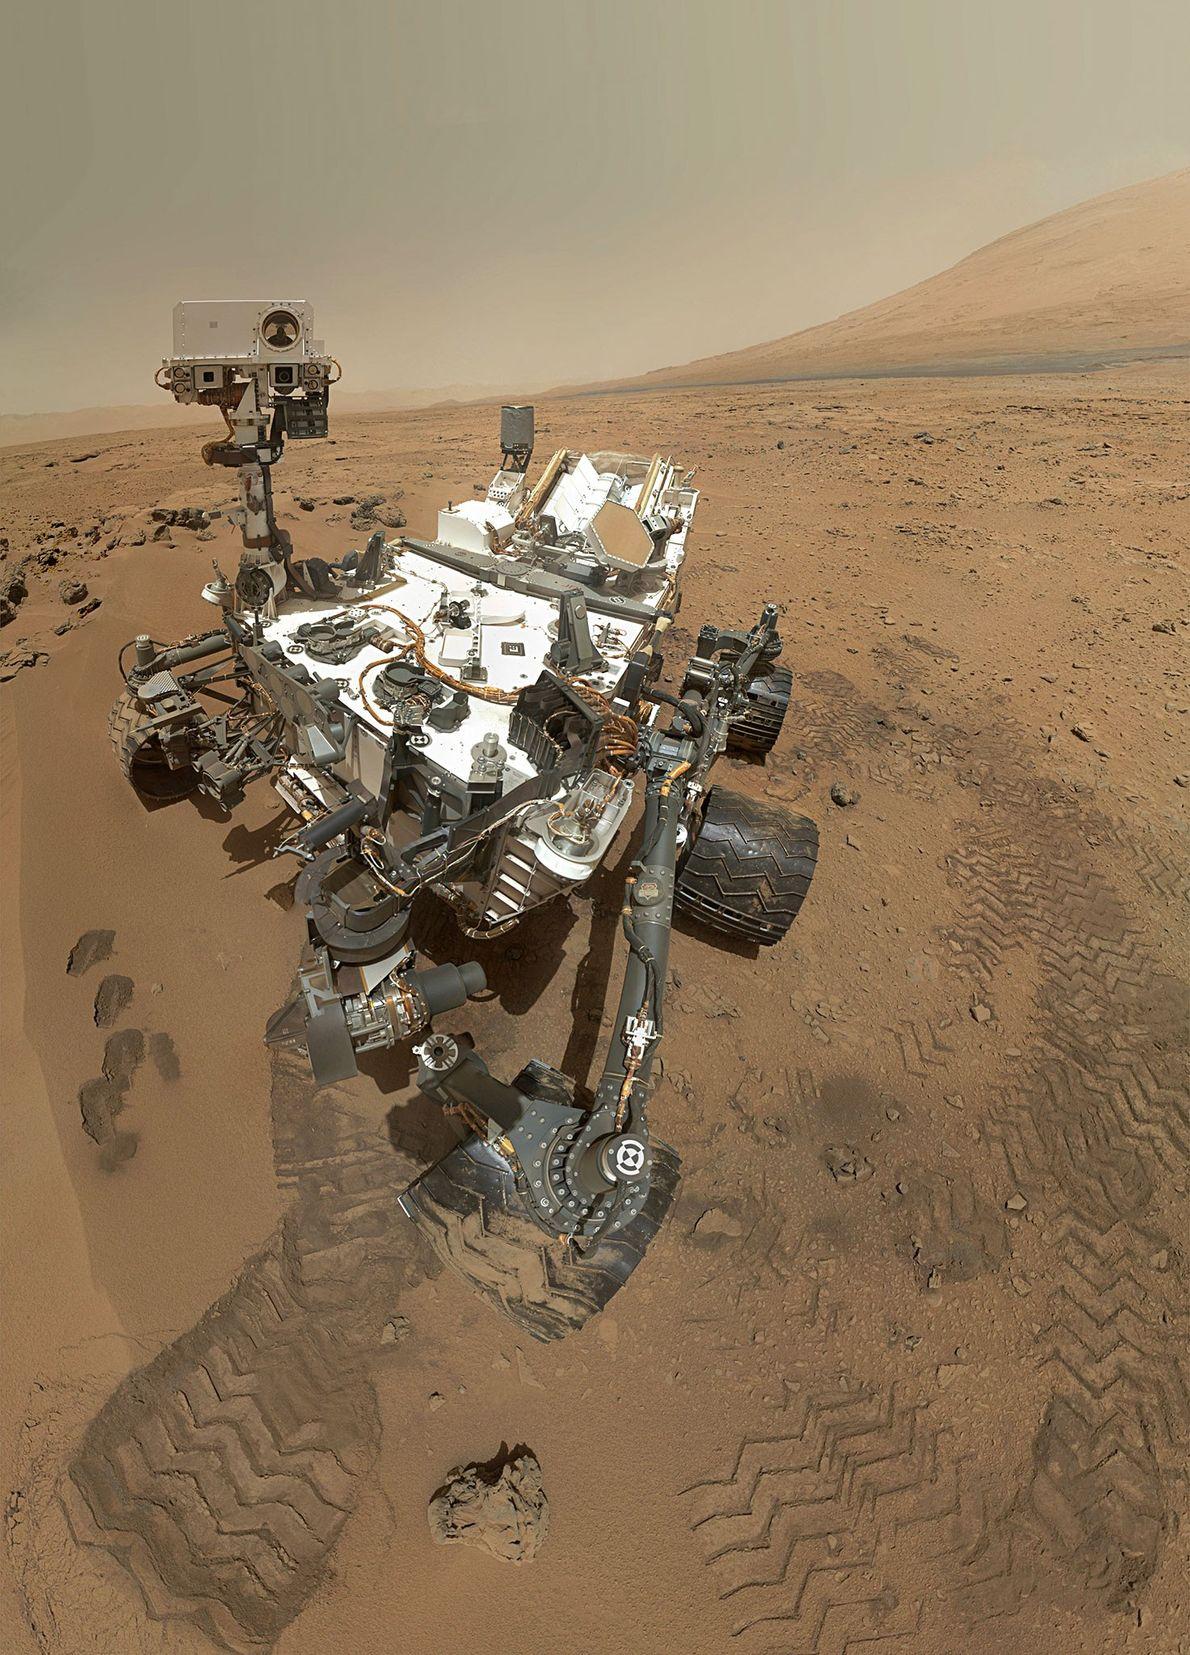 Mars Selfie